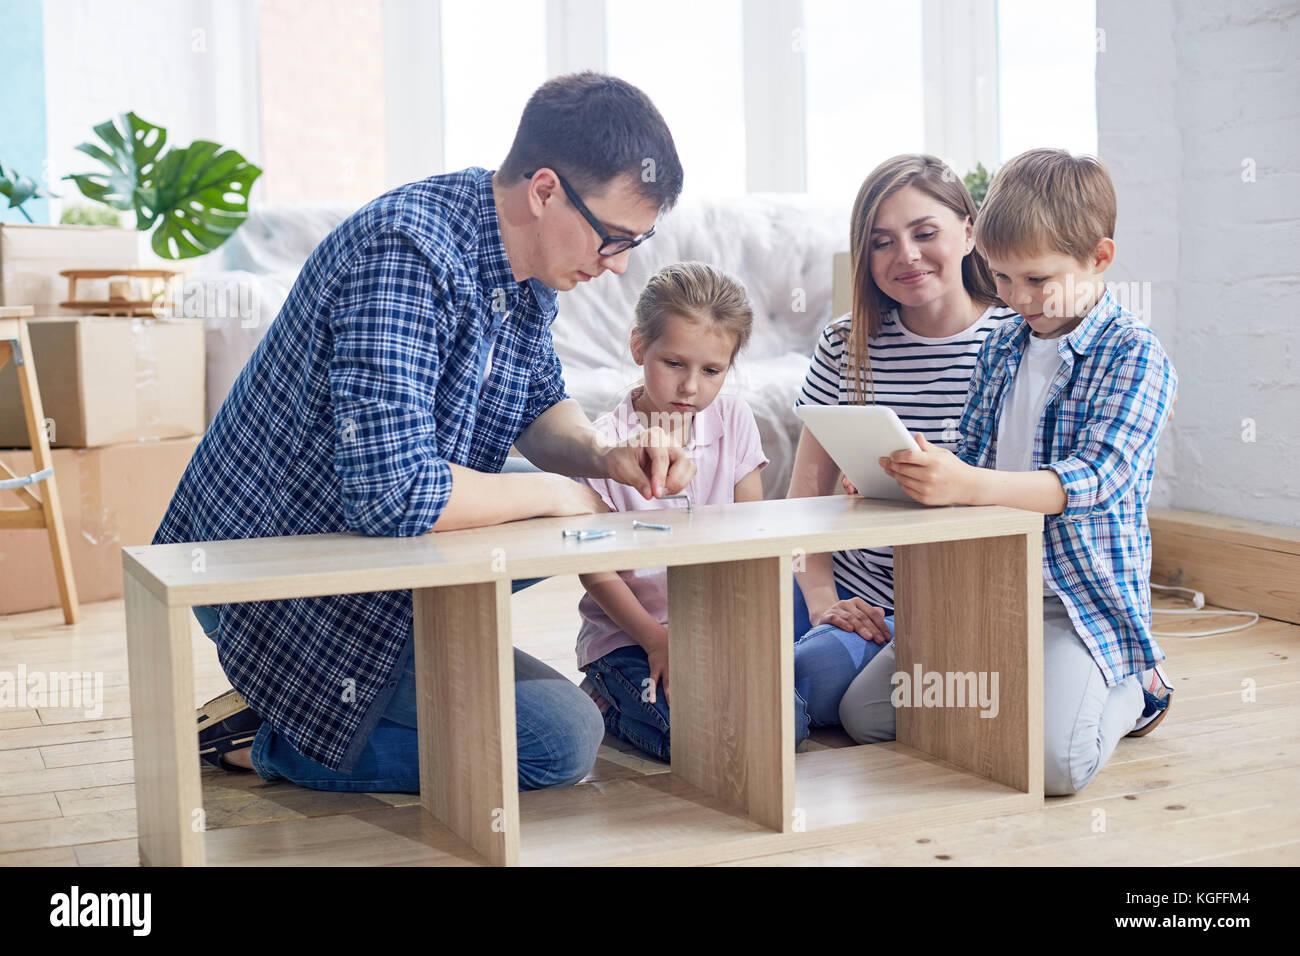 Famille de quatre jeunes amoureux réunis au salon de l'appartement neuf et enveloppé dans l'assemblage Photo Stock